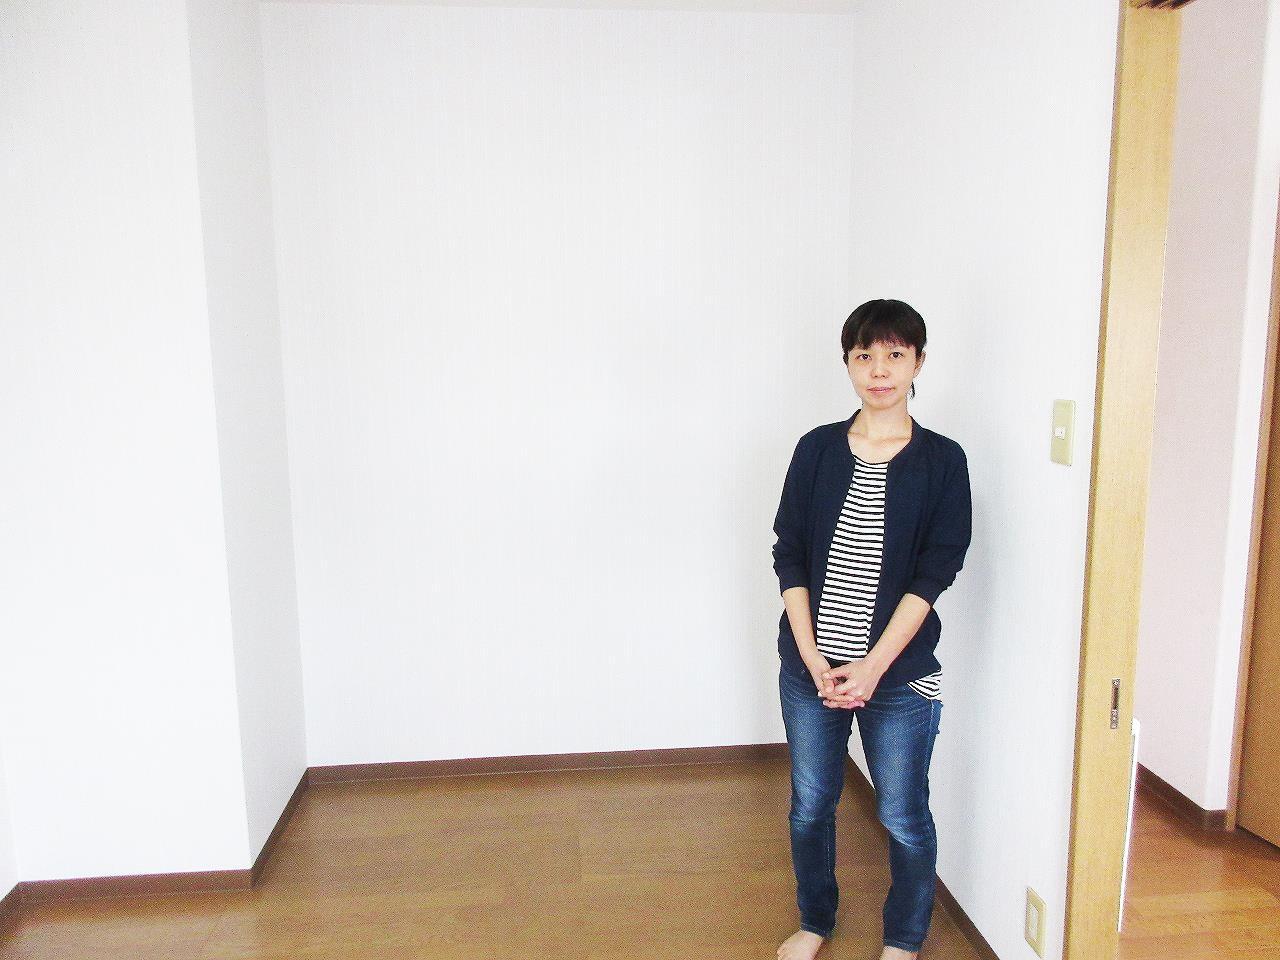 沖縄・那覇のリフォーム 実際のお客様の写真:ユニットトイレを撤去し収納スペースへ変更